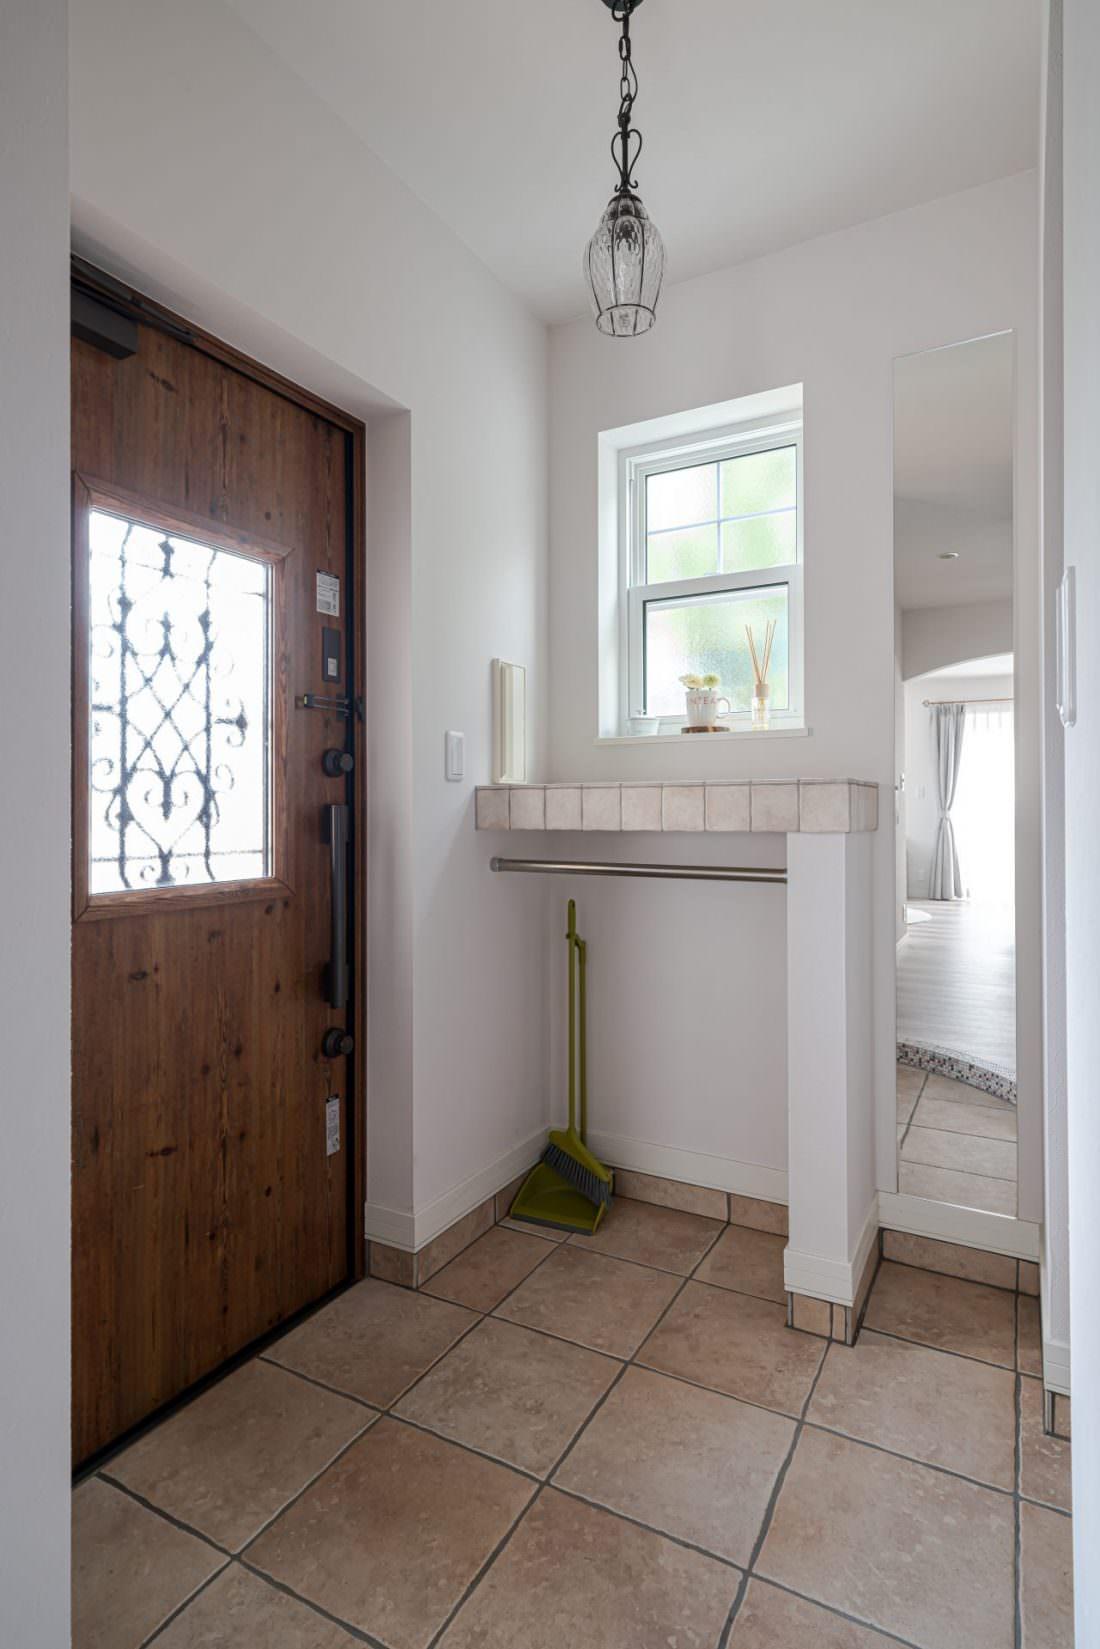 茶色い玄関ドアにタイルのカウンターのある玄関